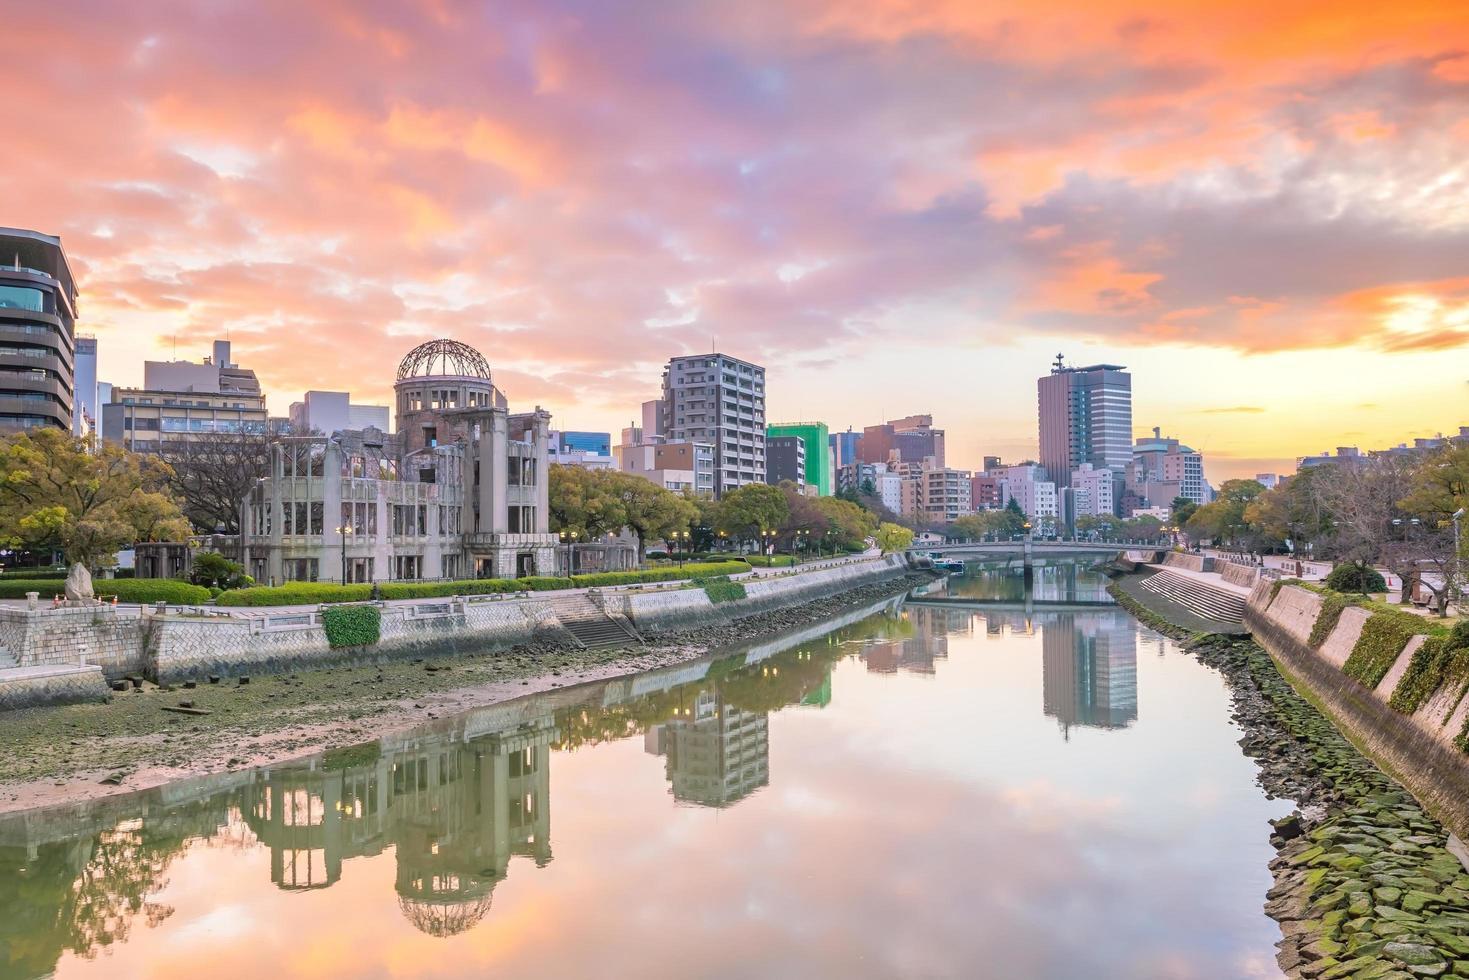 Hiroshima Peace Memorial Park  photo